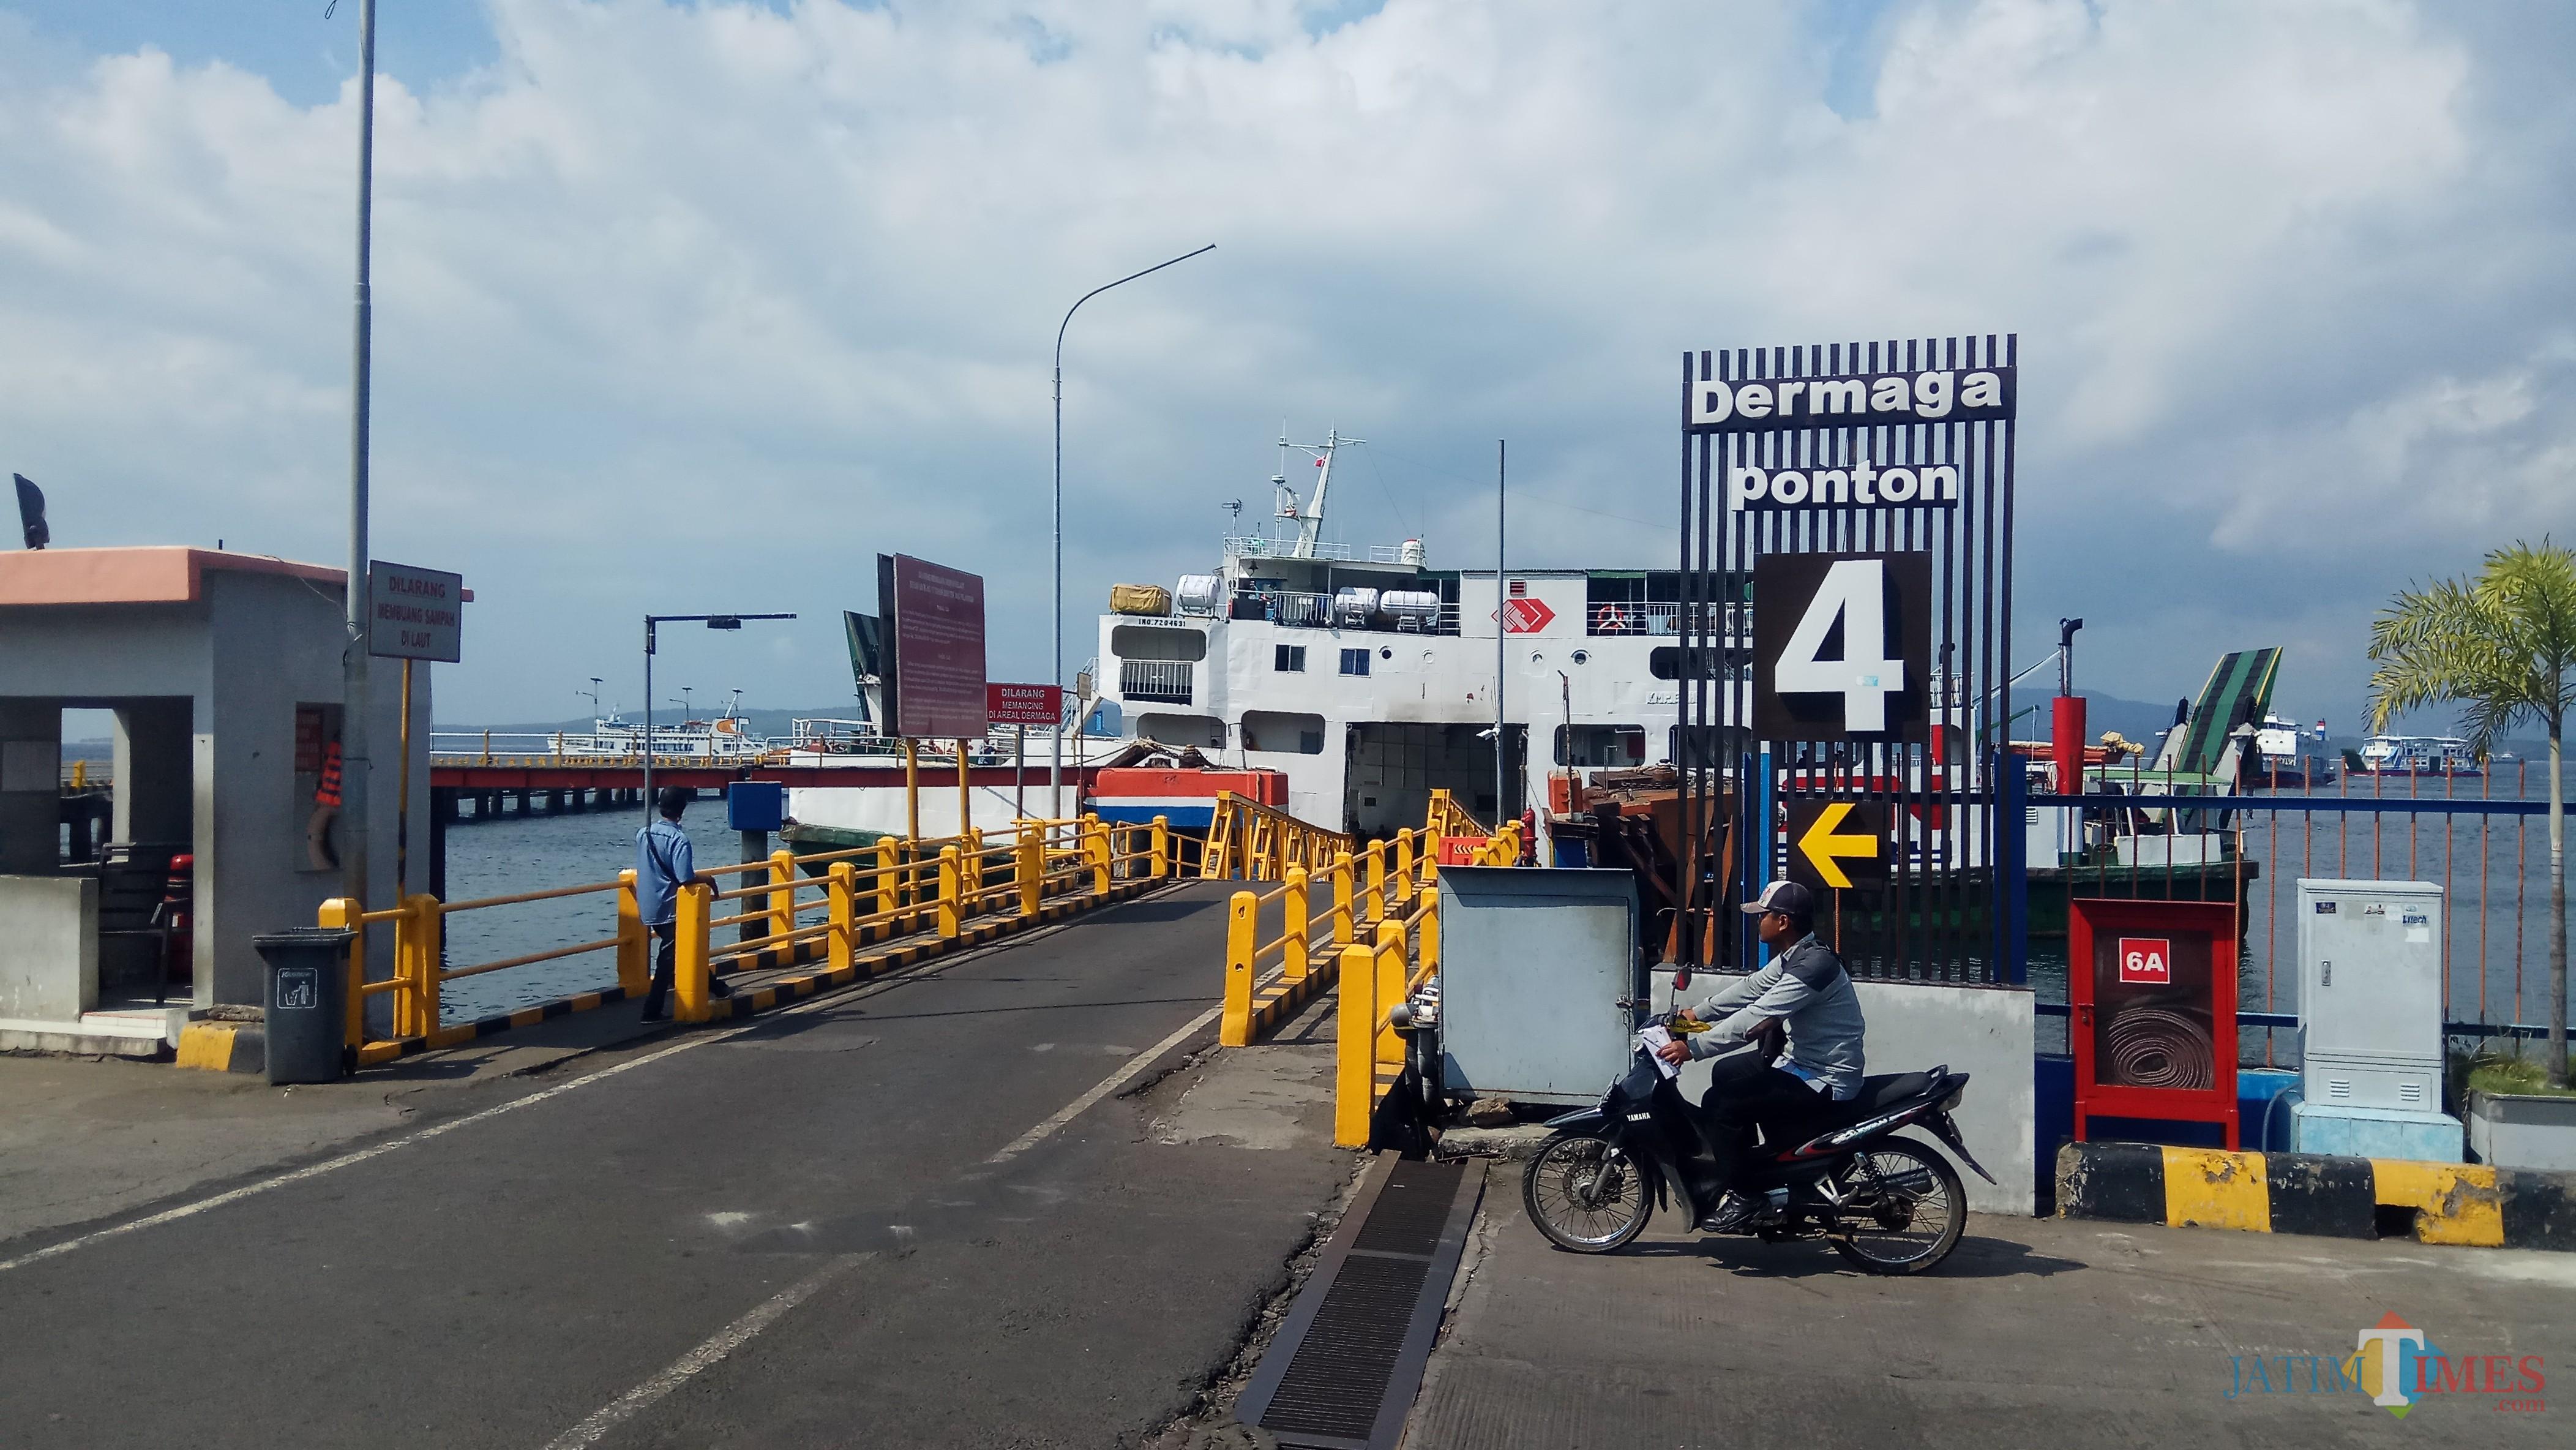 Dermaga Ponton Pelabuhan Ketapang sudah kembali digunakan untuk bongkar muat penumpang